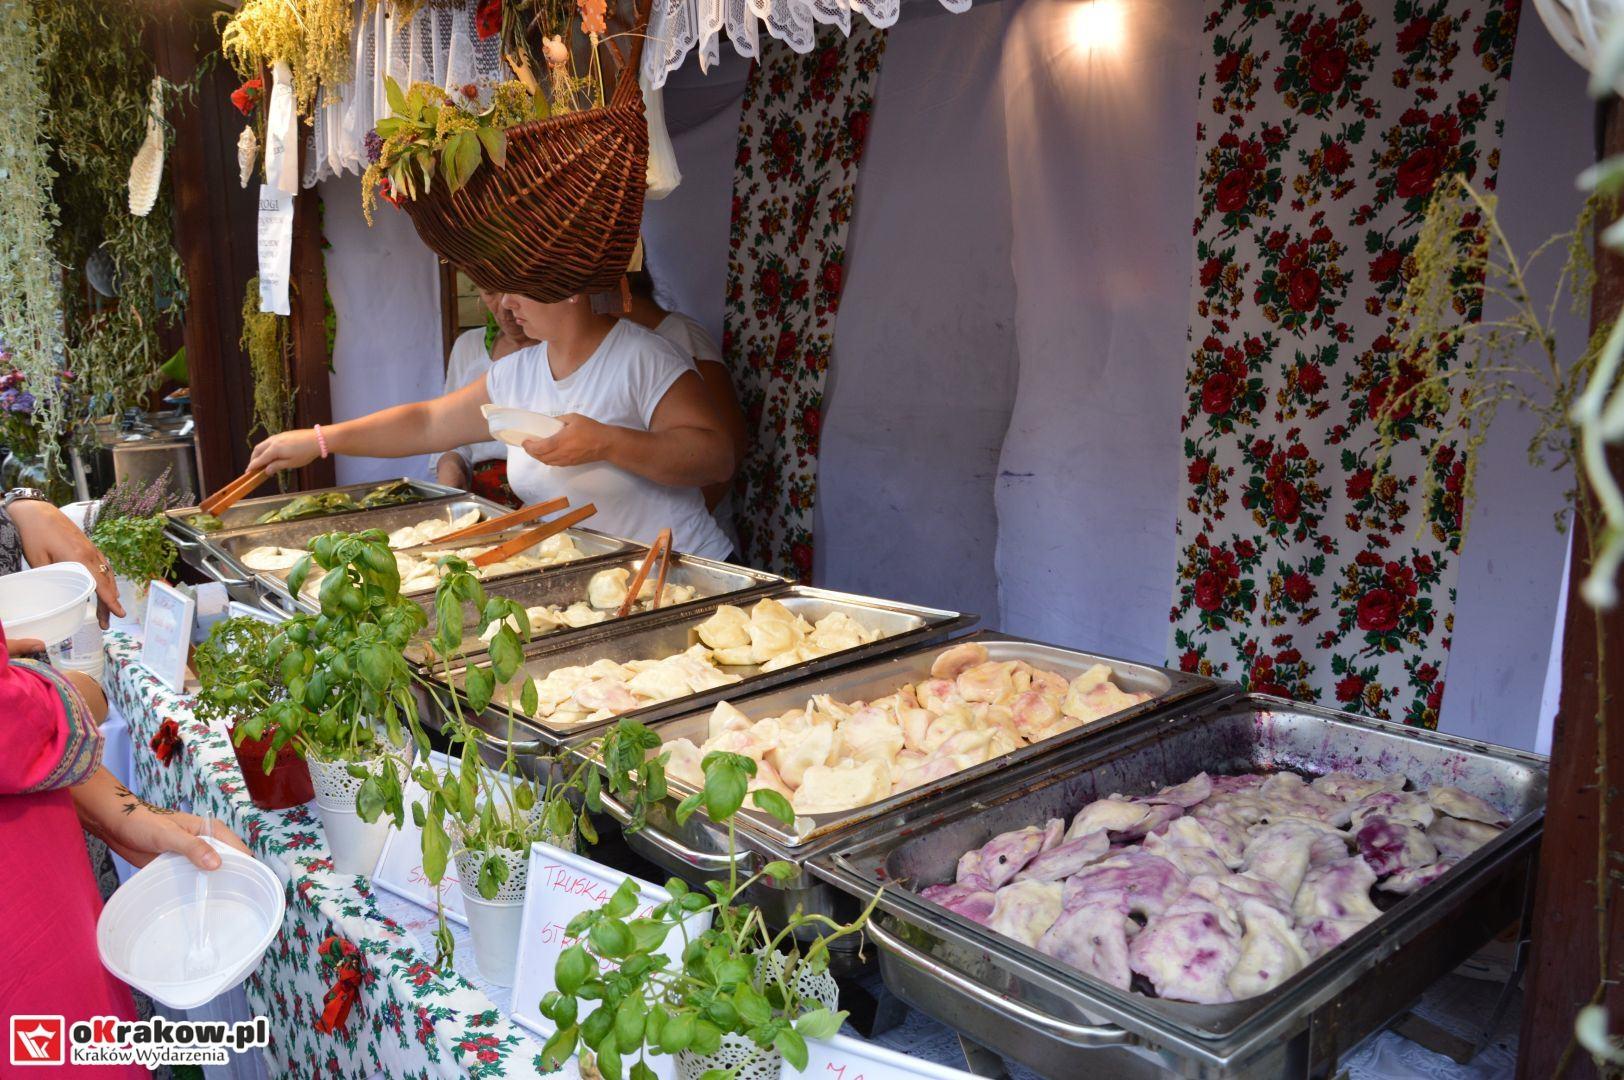 krakow festiwal pierogow maly rynek koncert cheap tobacco 54 150x150 - Galeria zdjęć Festiwal Pierogów Kraków 2018 + zdjęcia z koncertu Cheap Tobacco